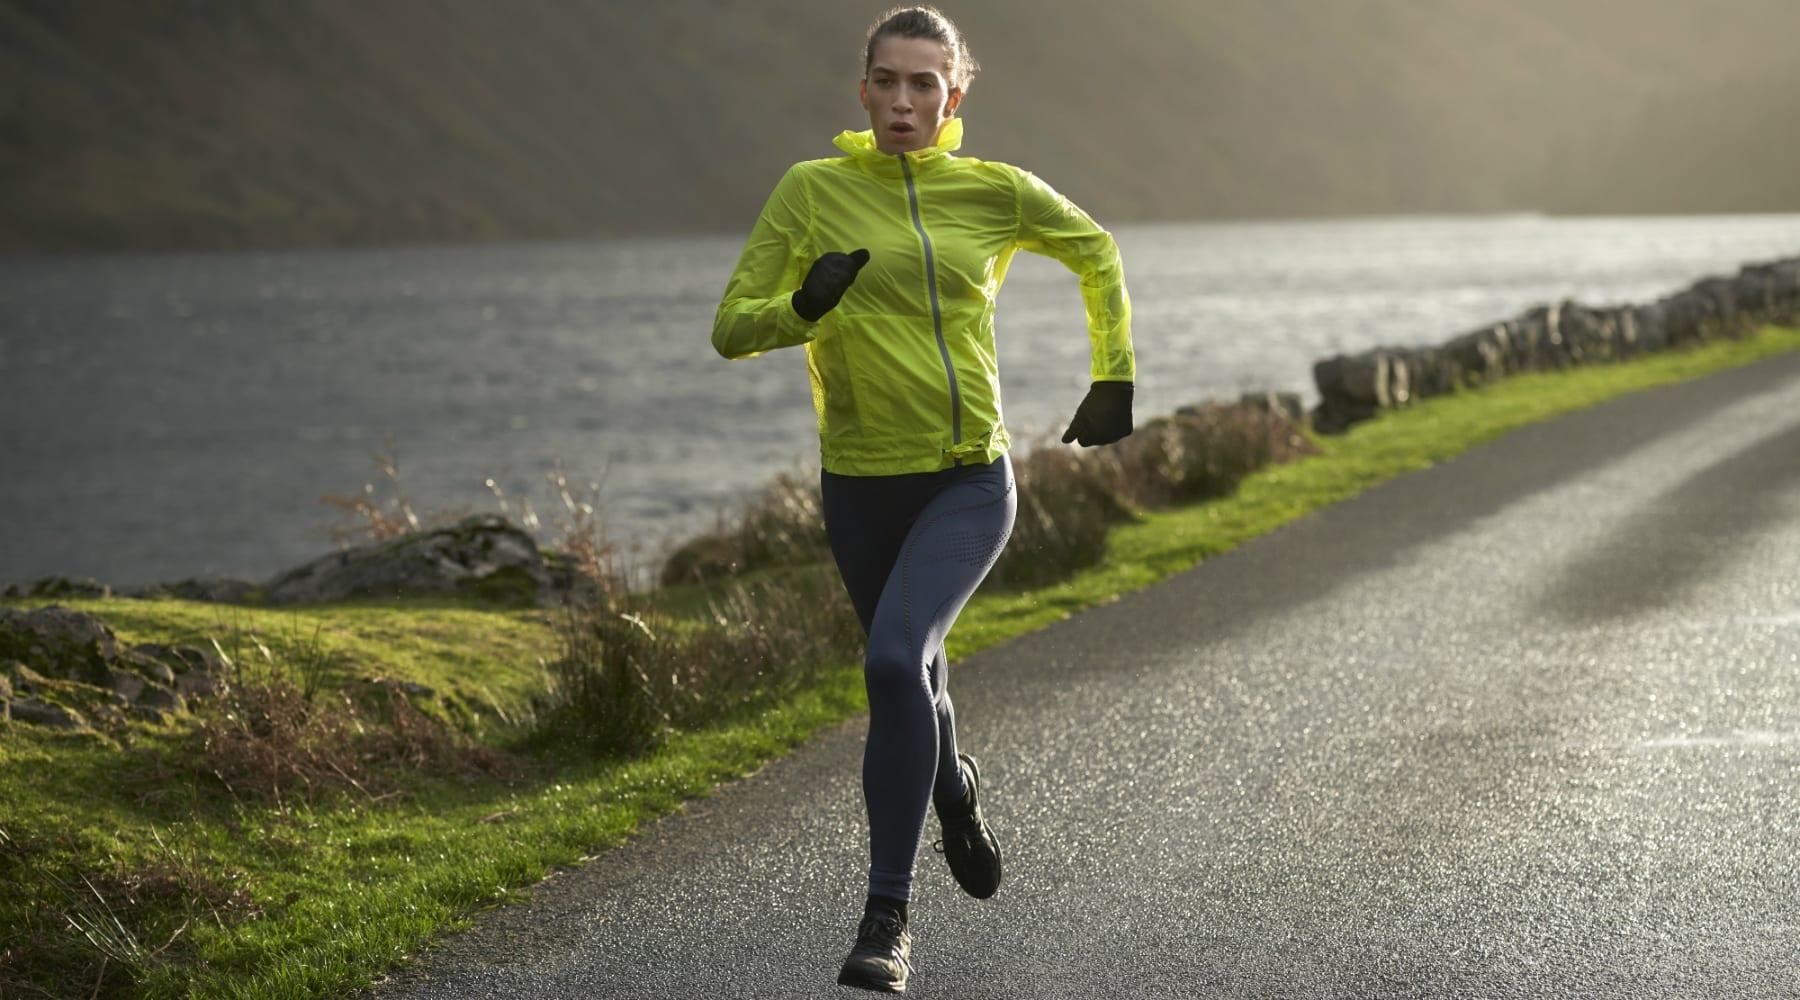 Laufen Vs. Gewichtheben | Studie zeigt, was uns jung hält